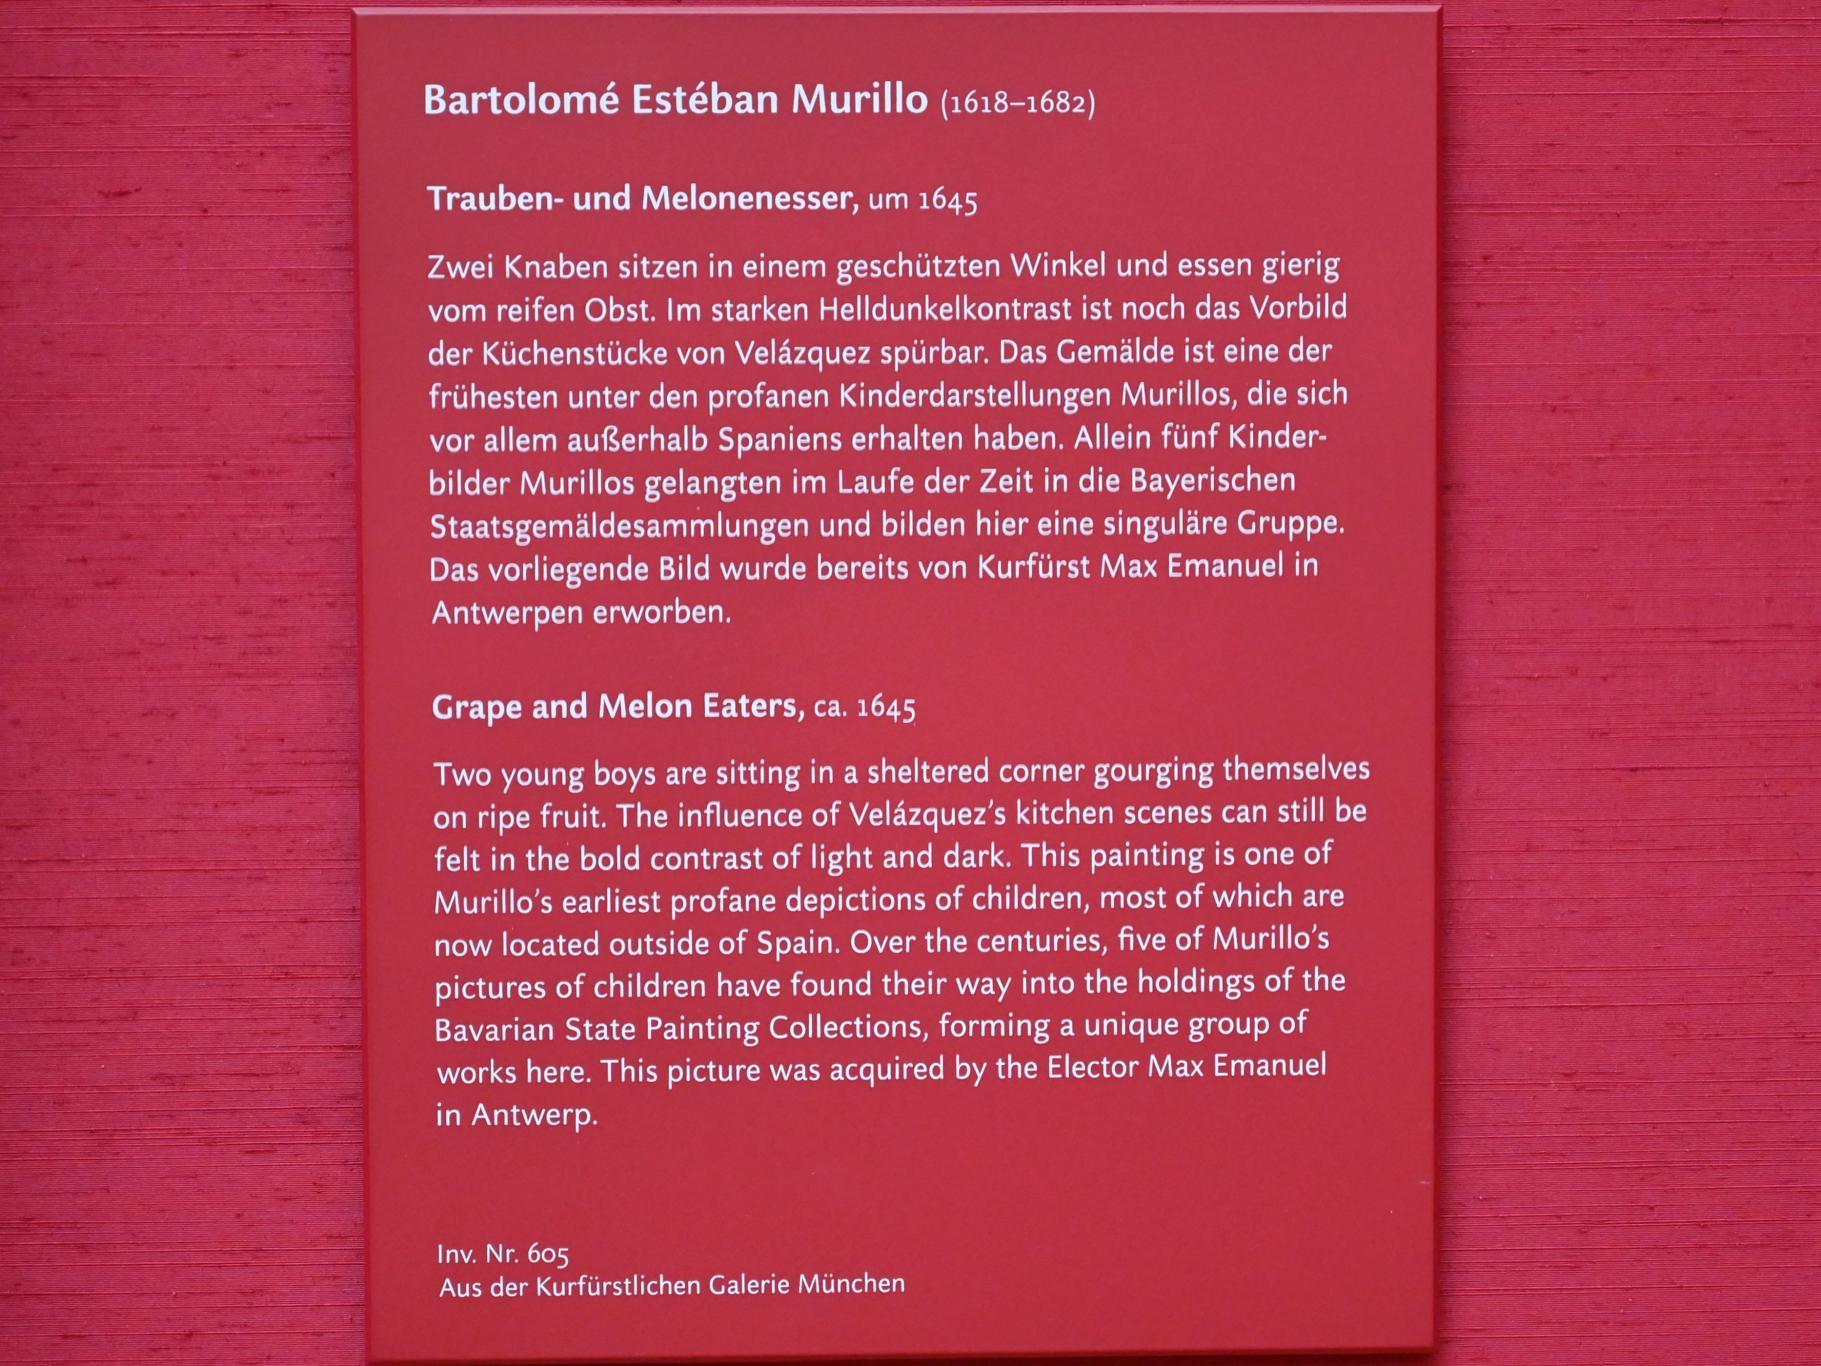 Bartolomé Esteban Murillo: Trauben- und Melonenesser, Um 1645